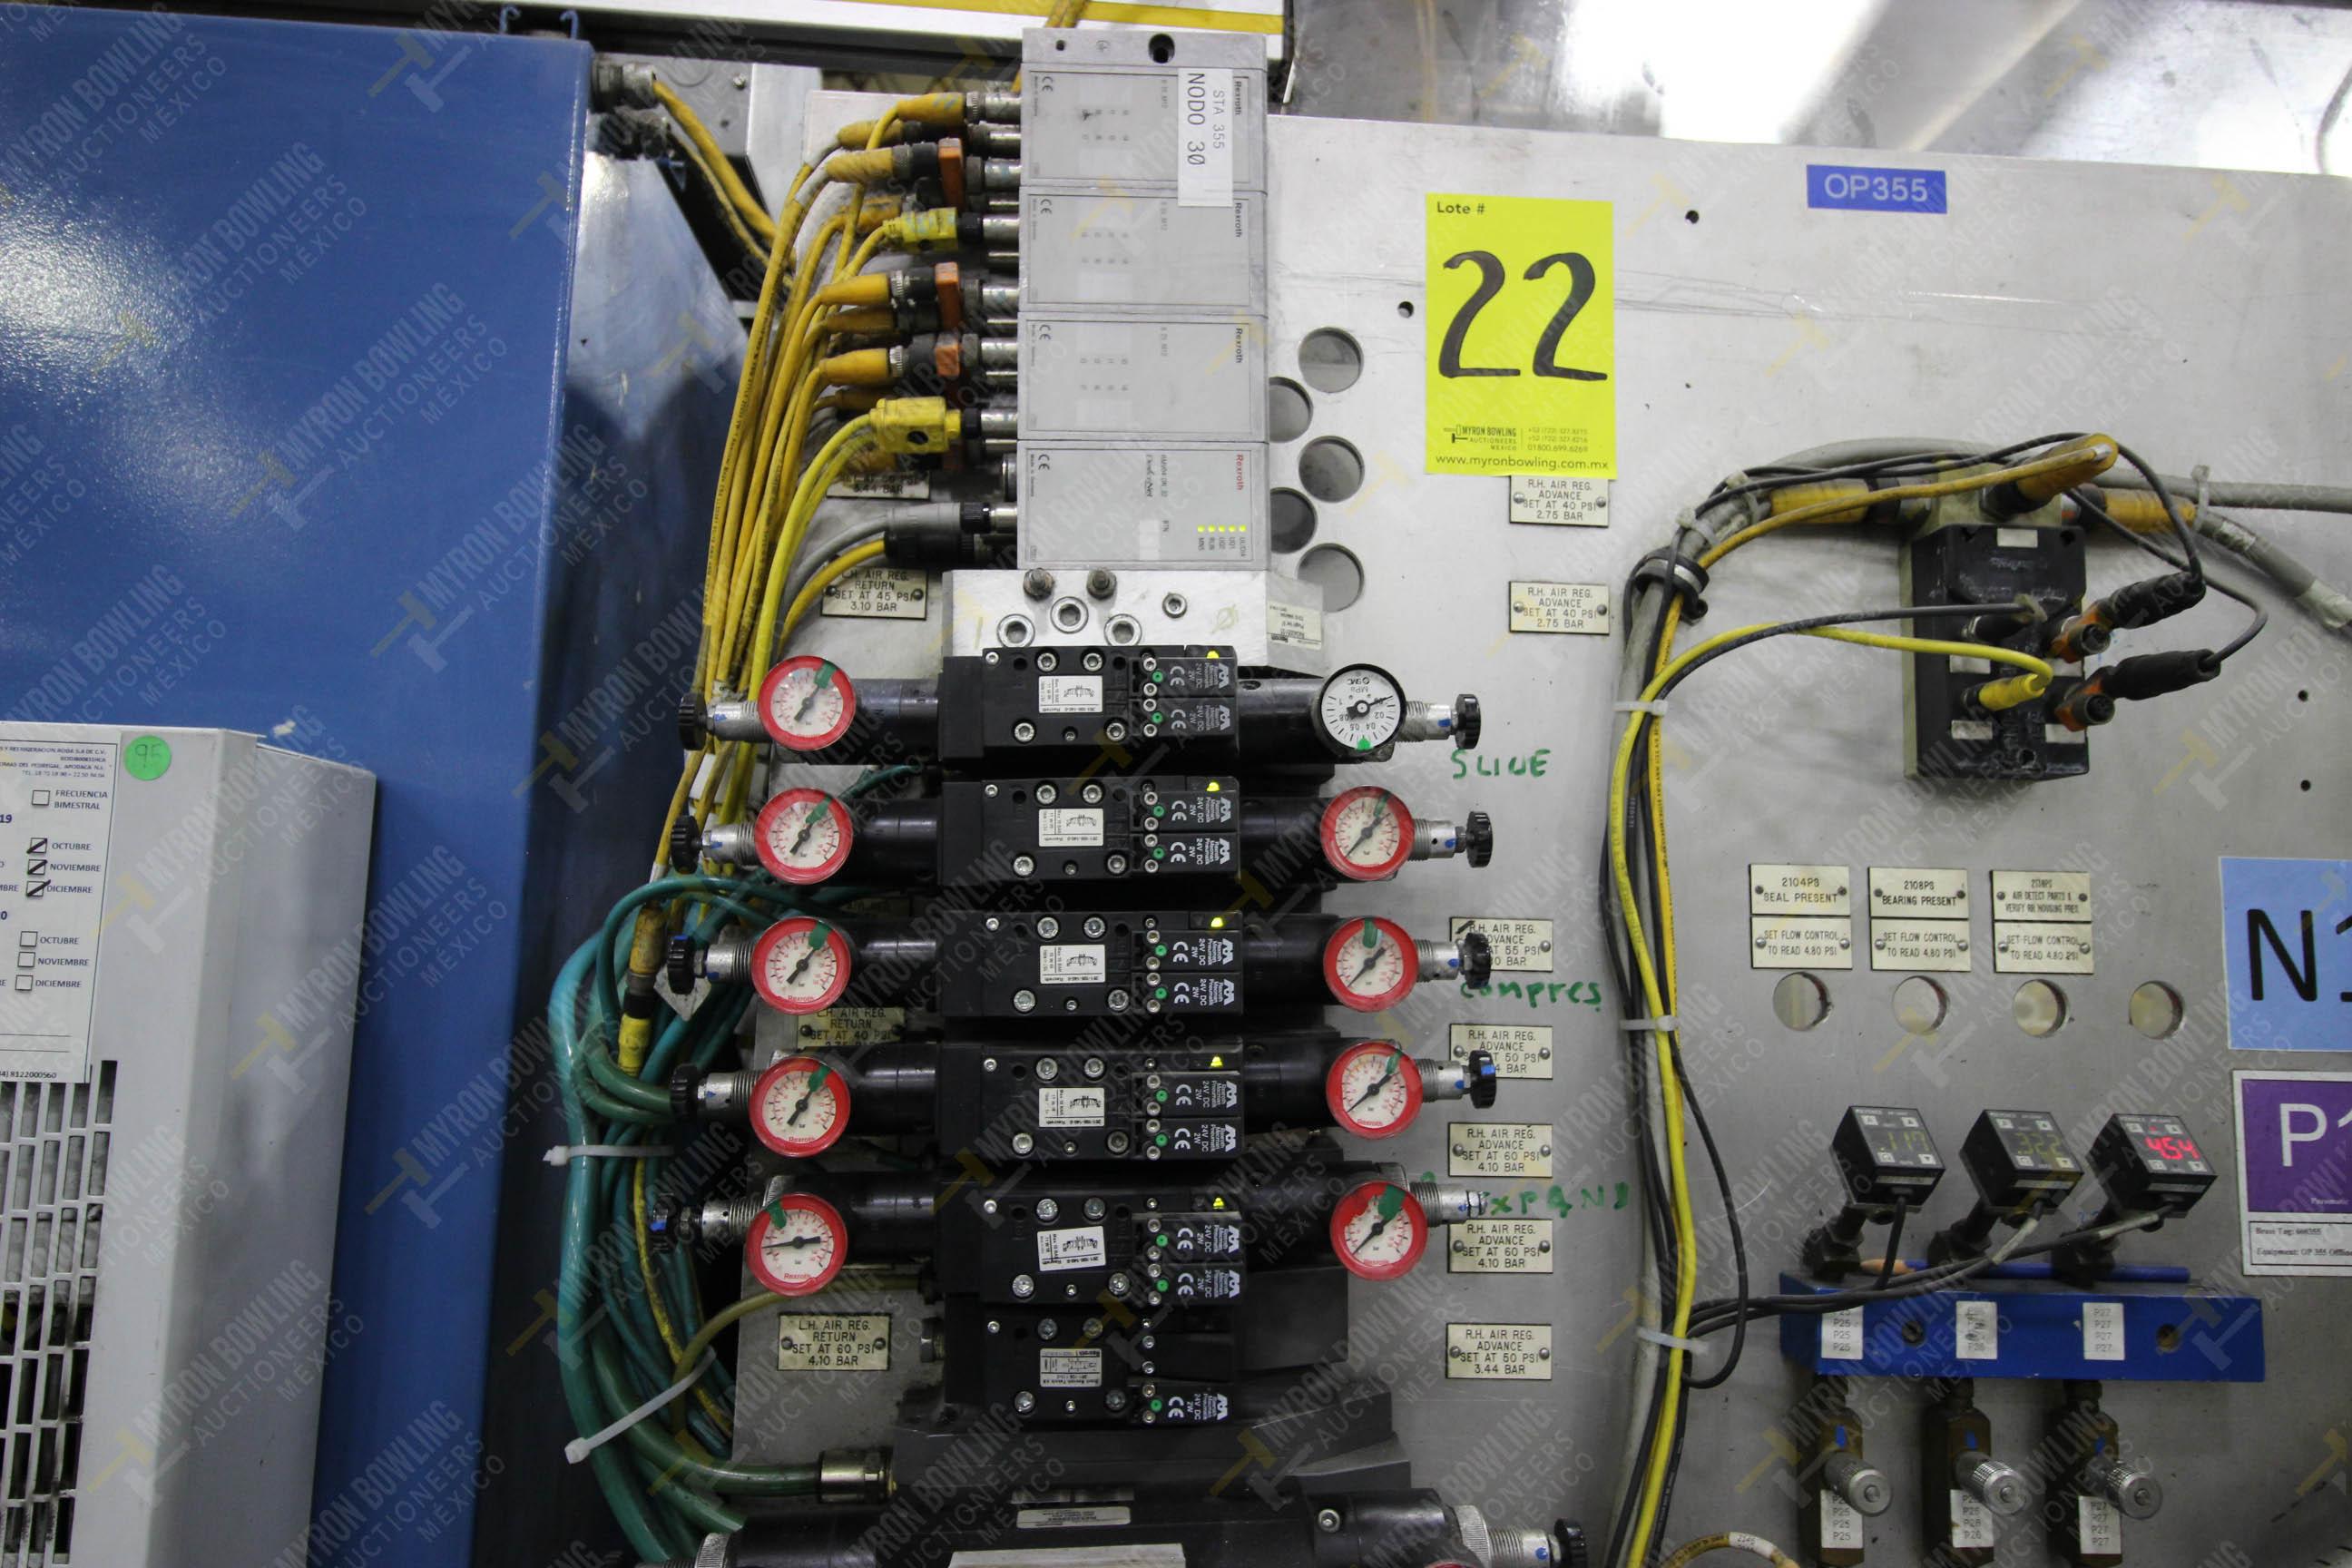 Estación semiautomática para operación 355A, contiene: Prensa en estructura de placa de acero - Image 19 of 36